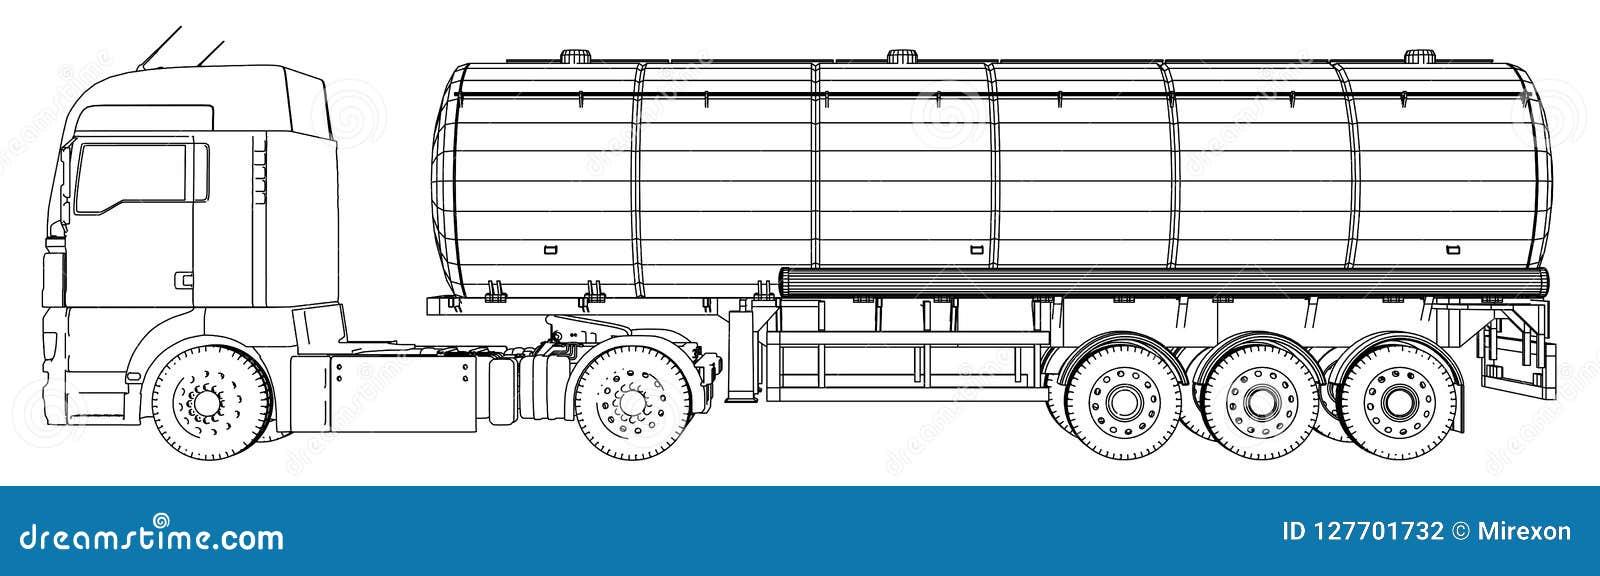 Croquis d un camion avec un vecteur de réservoir Illustration créée de 3d Fil-cadre